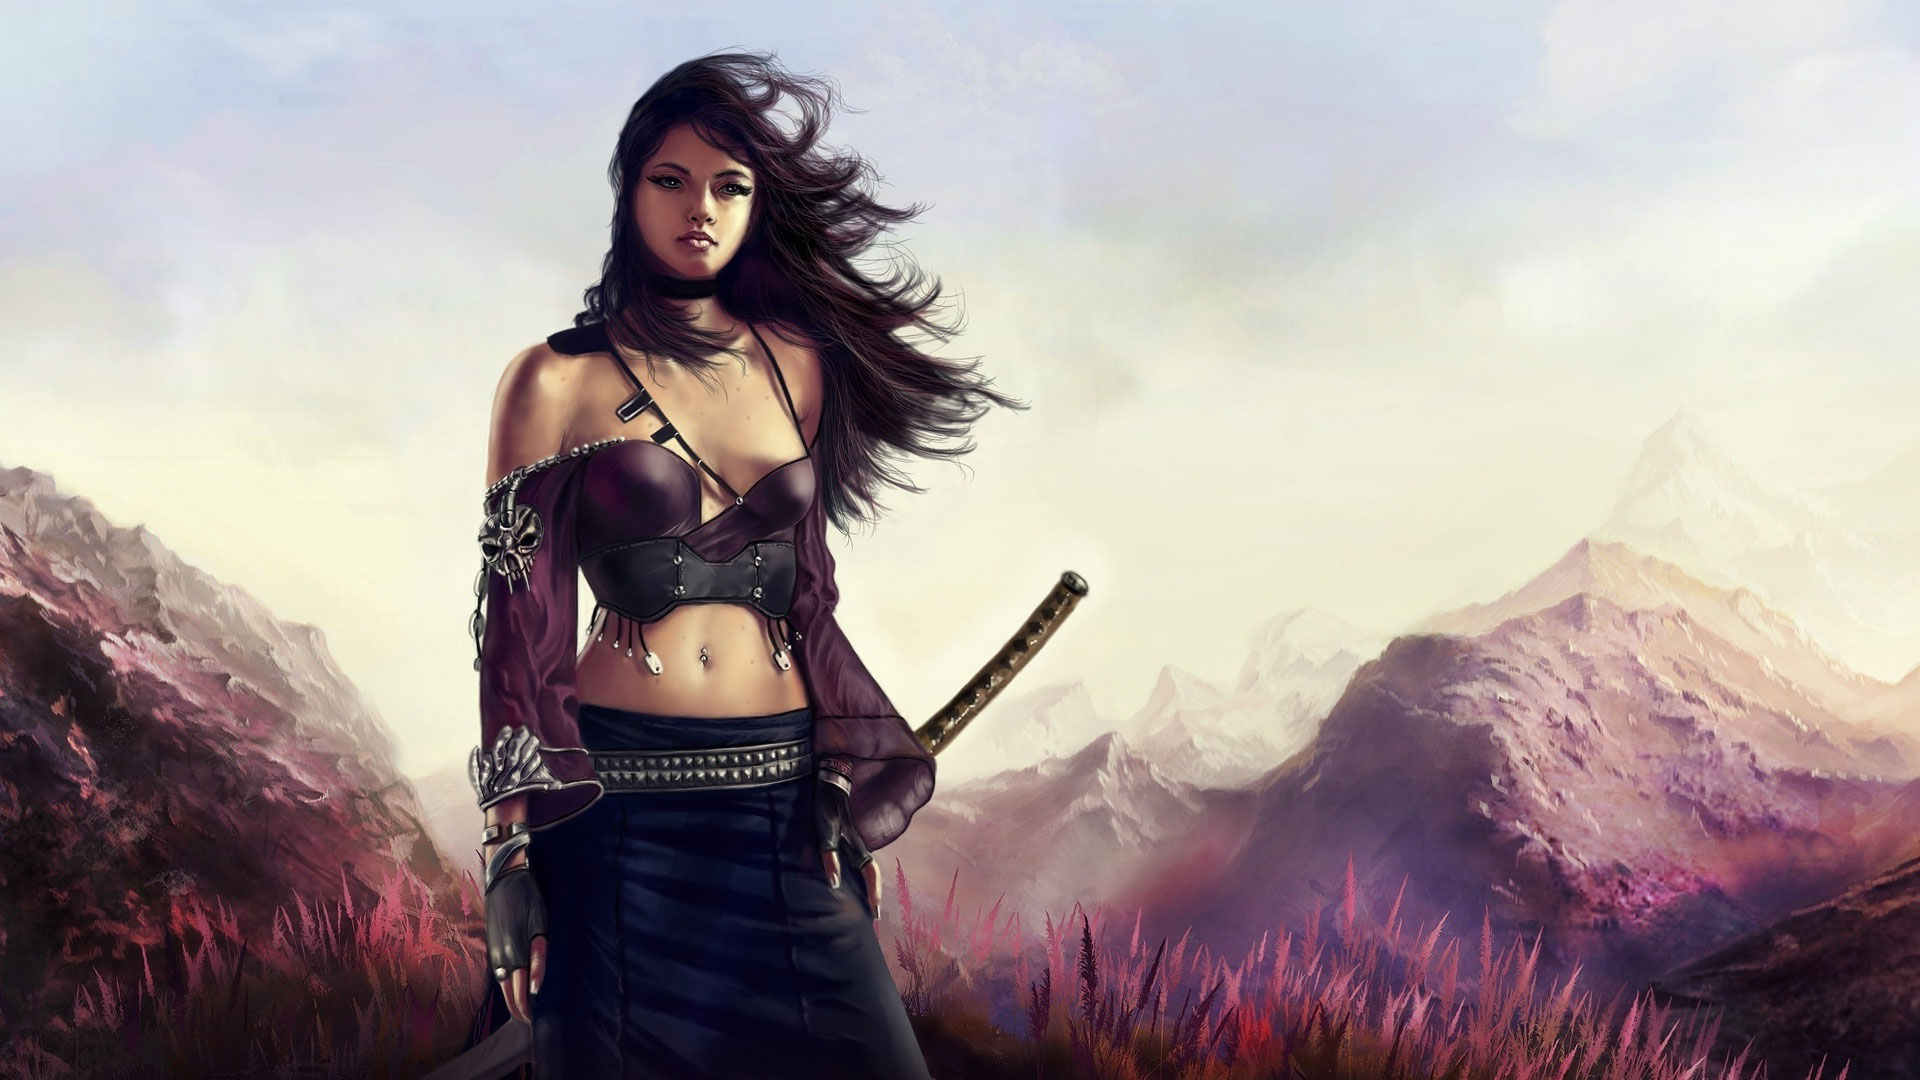 Обои Девушка-воин в горах, картинки - Обои для рабочего ... Девушка с Катаной